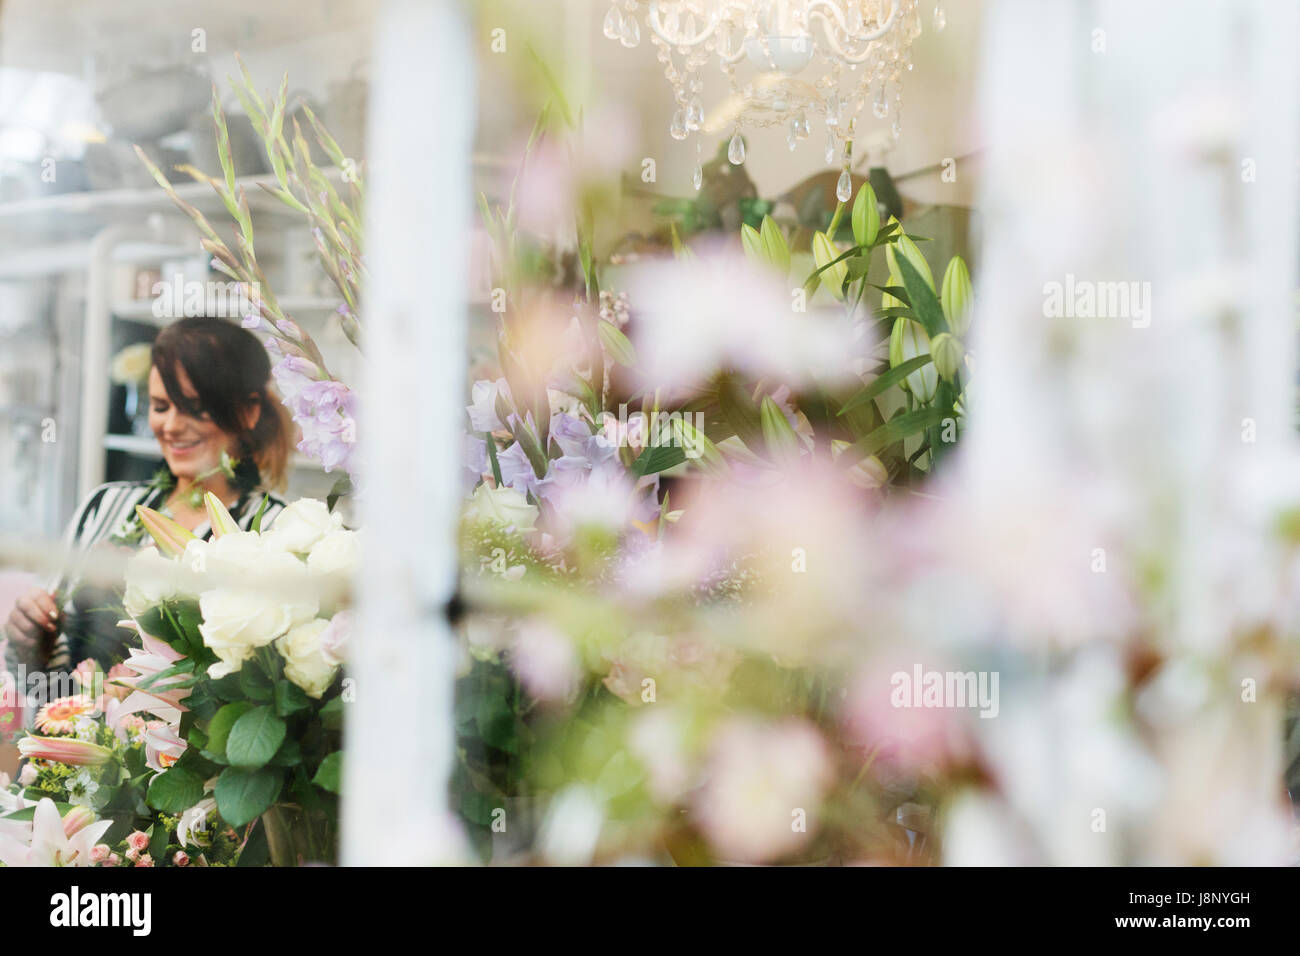 Fleuriste bouquet de fleurs en souriant Banque D'Images